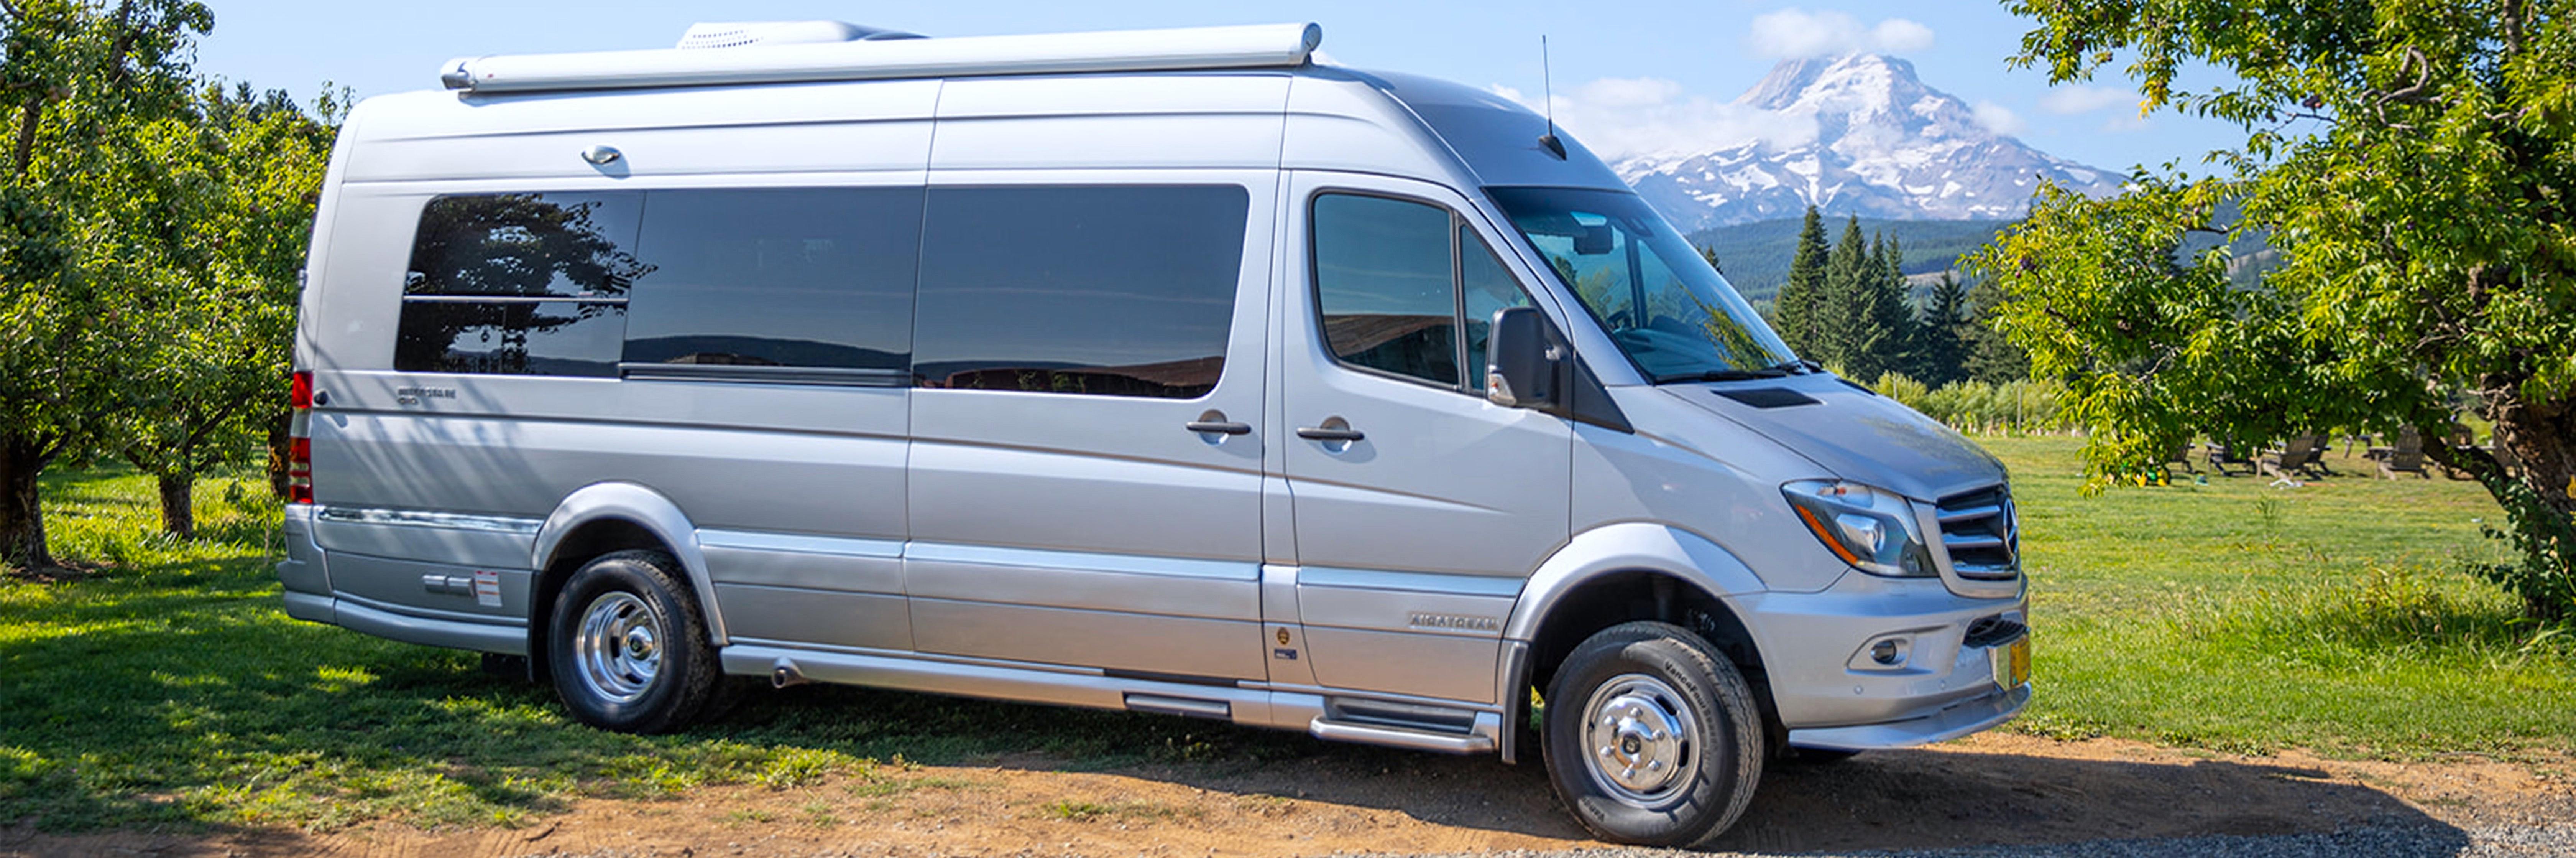 Donate a Car in Van